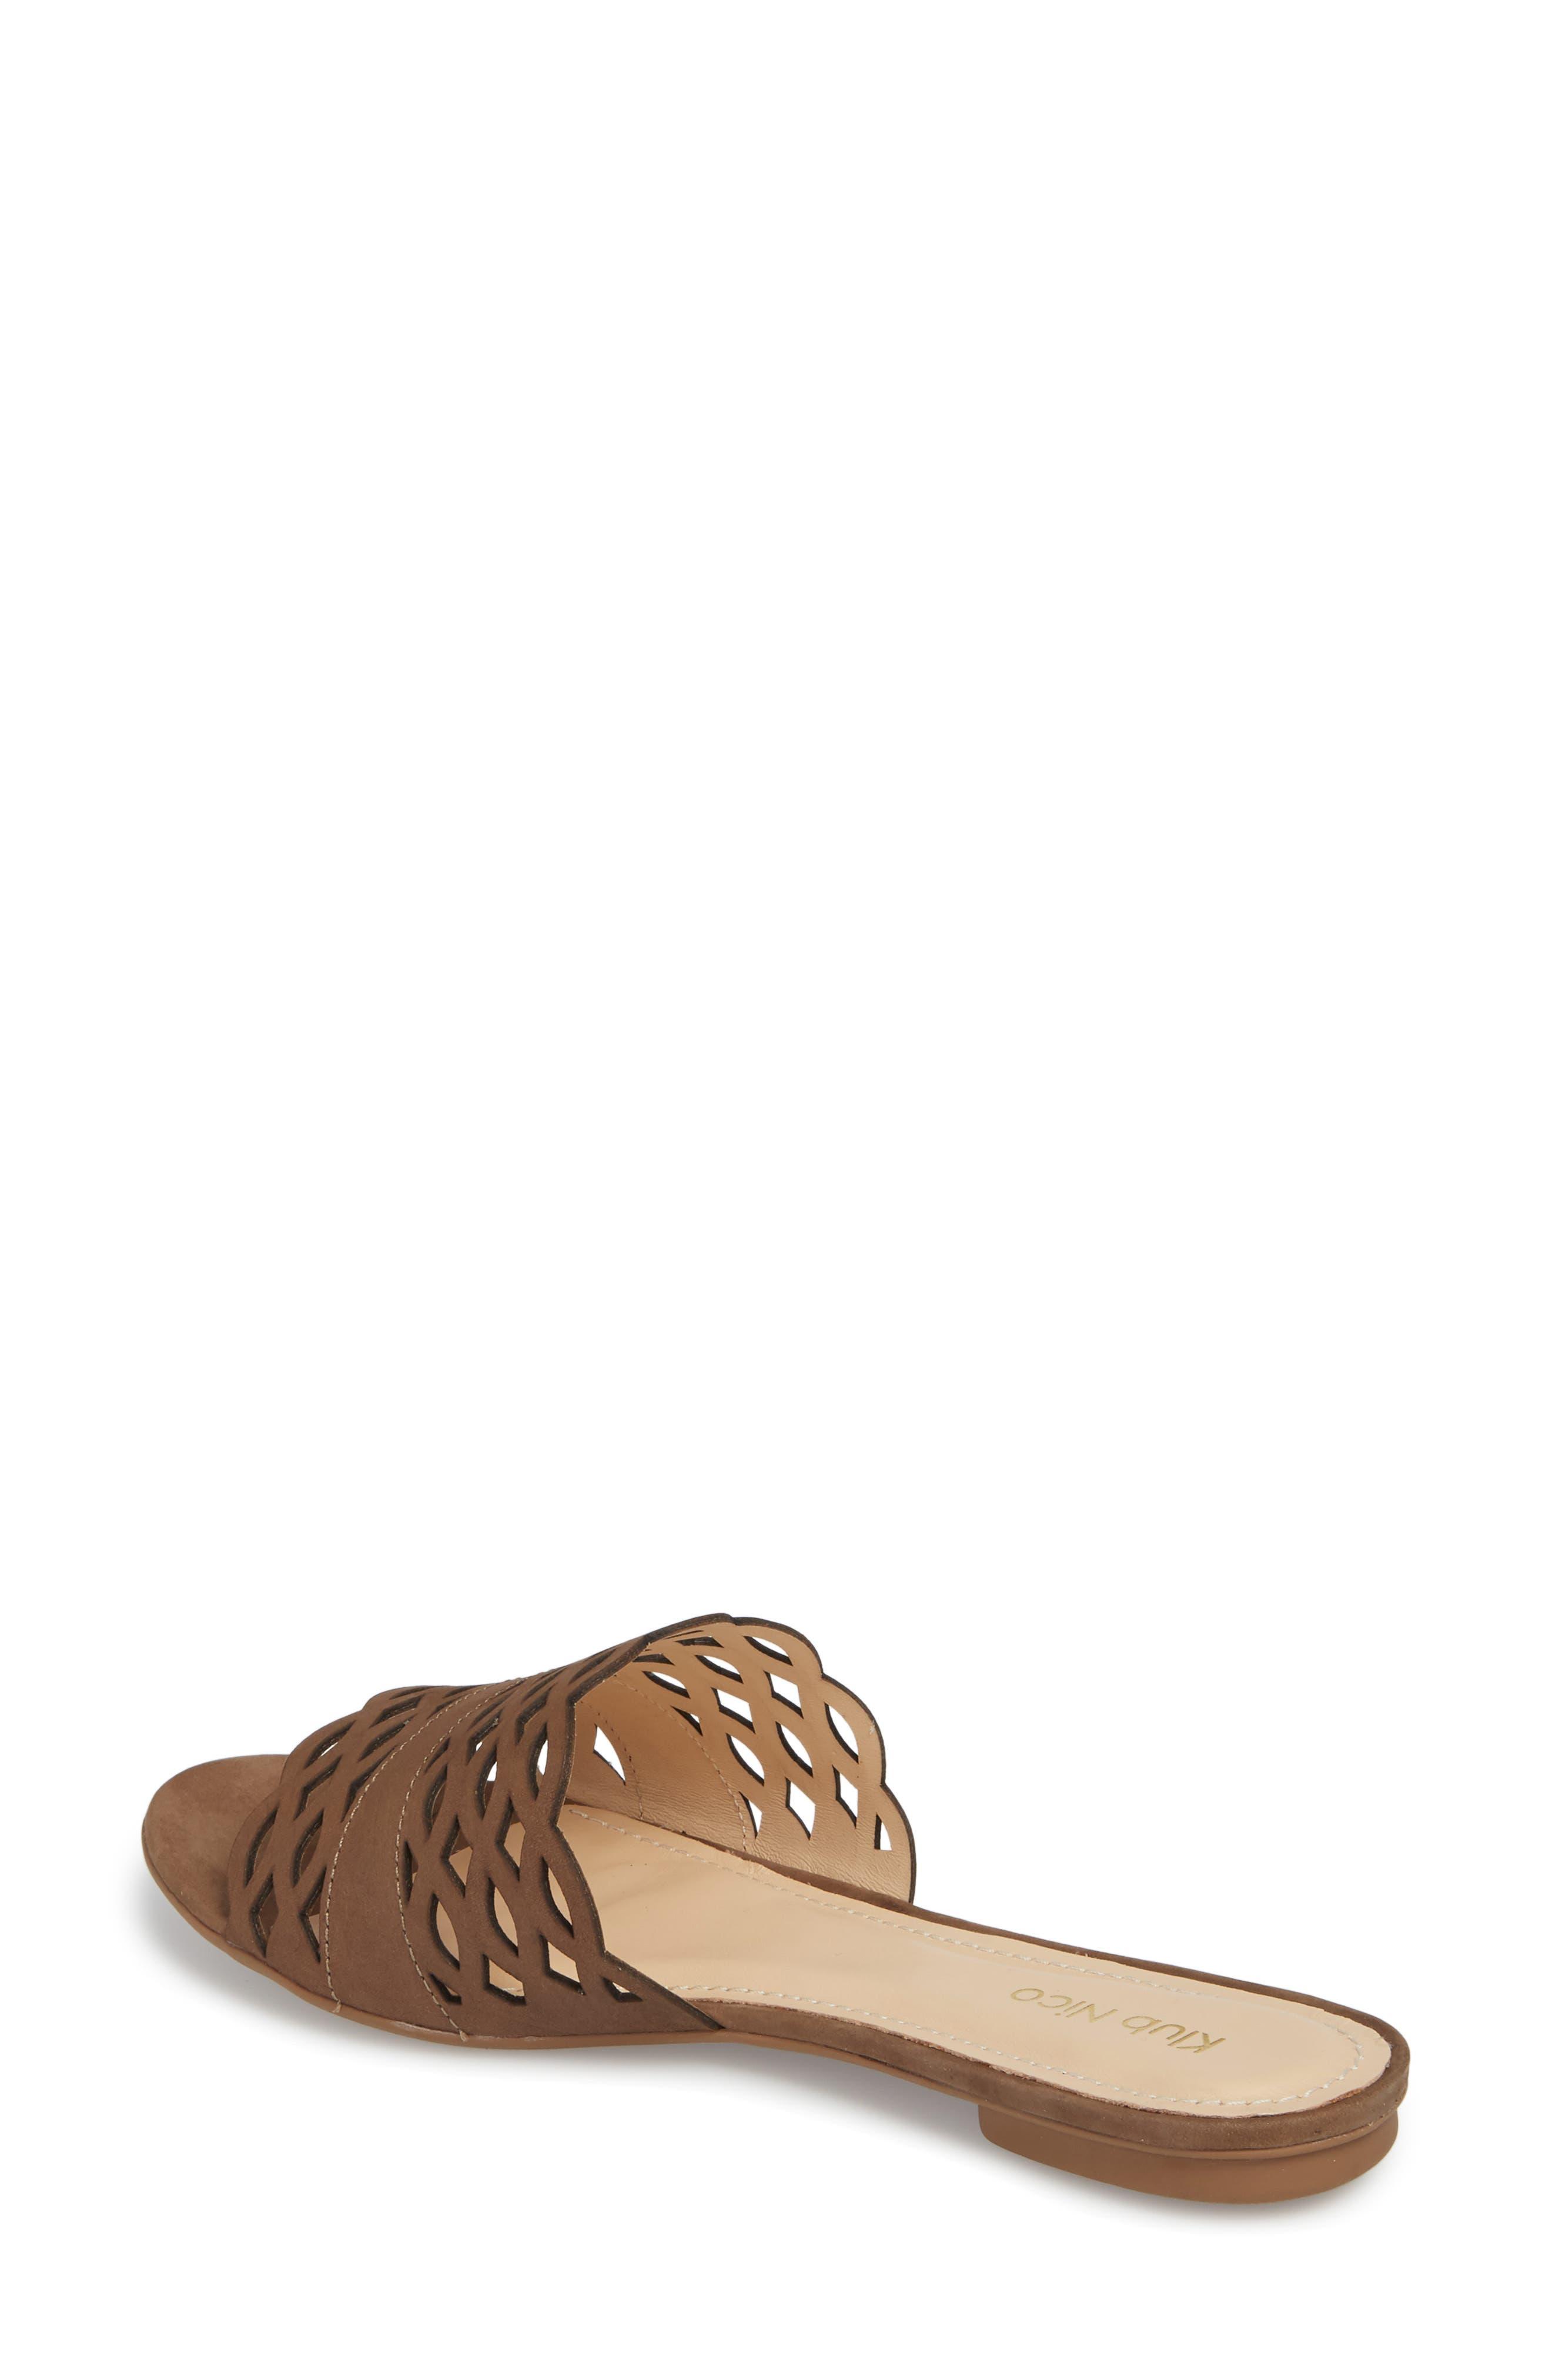 Gynne Slide Sandal,                             Alternate thumbnail 2, color,                             Truffle Leather